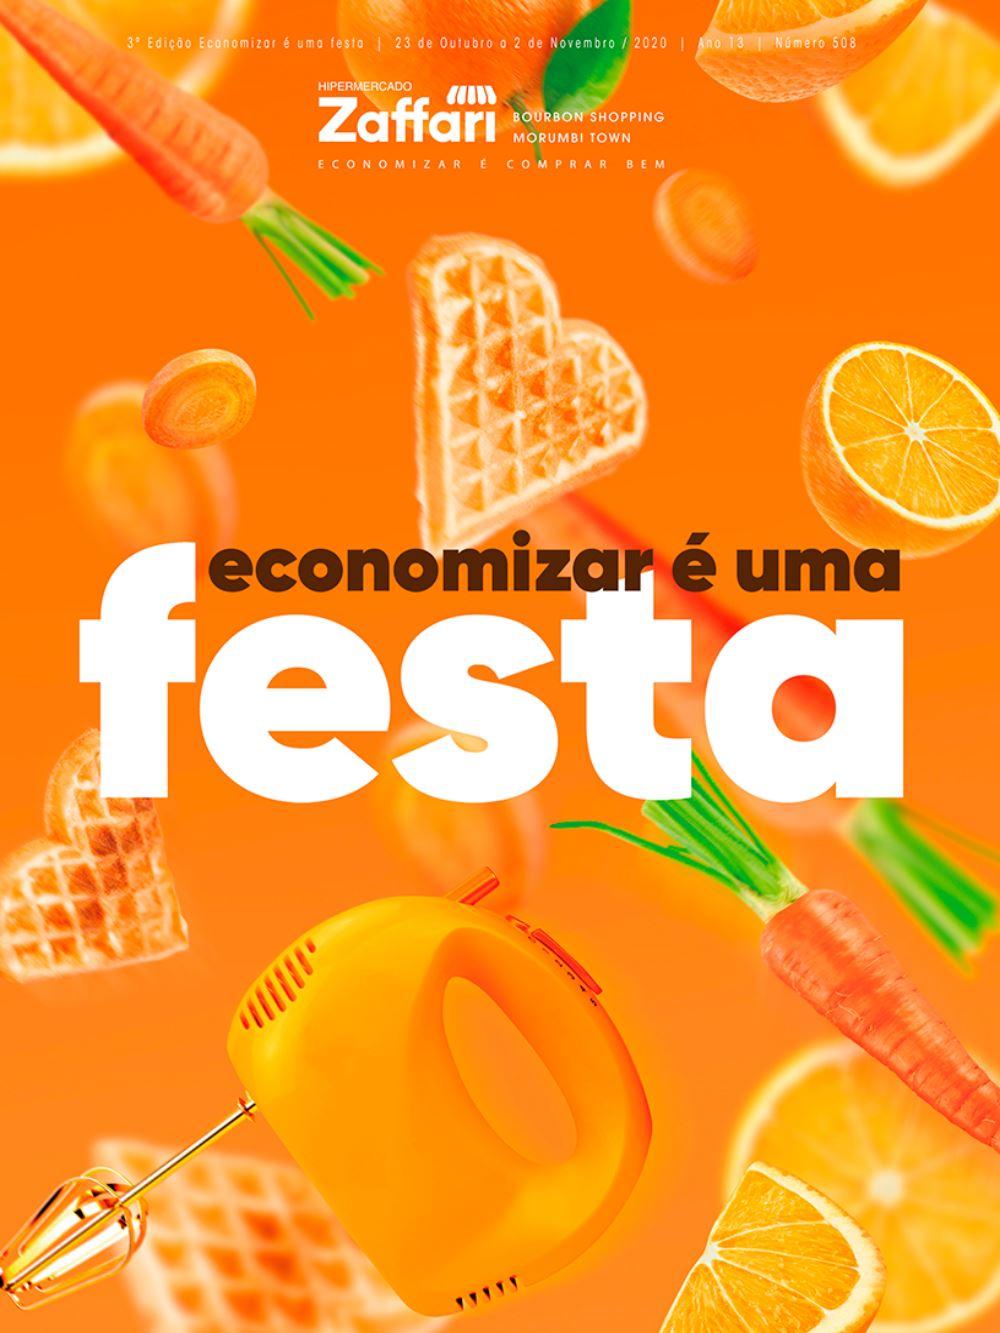 zaffari-ofertas-descontos-hoje1-3 Ofertas de supermercados - Economize